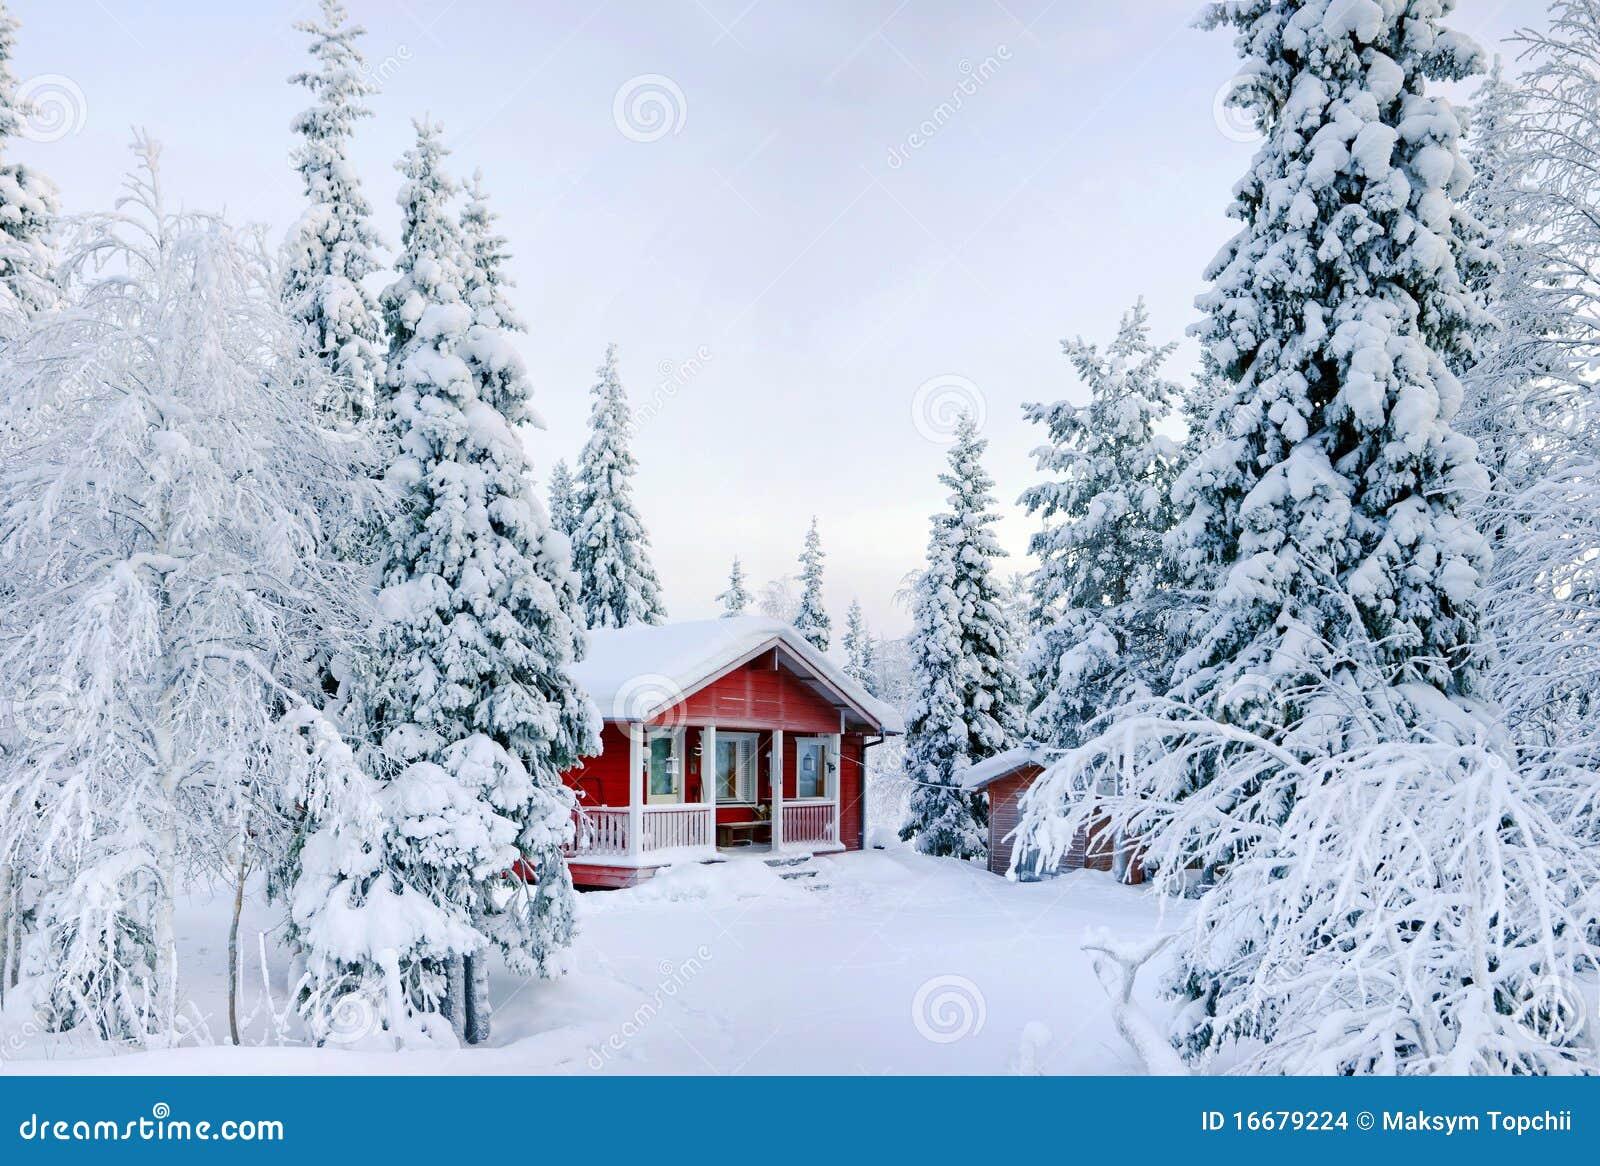 Winter s Tale.